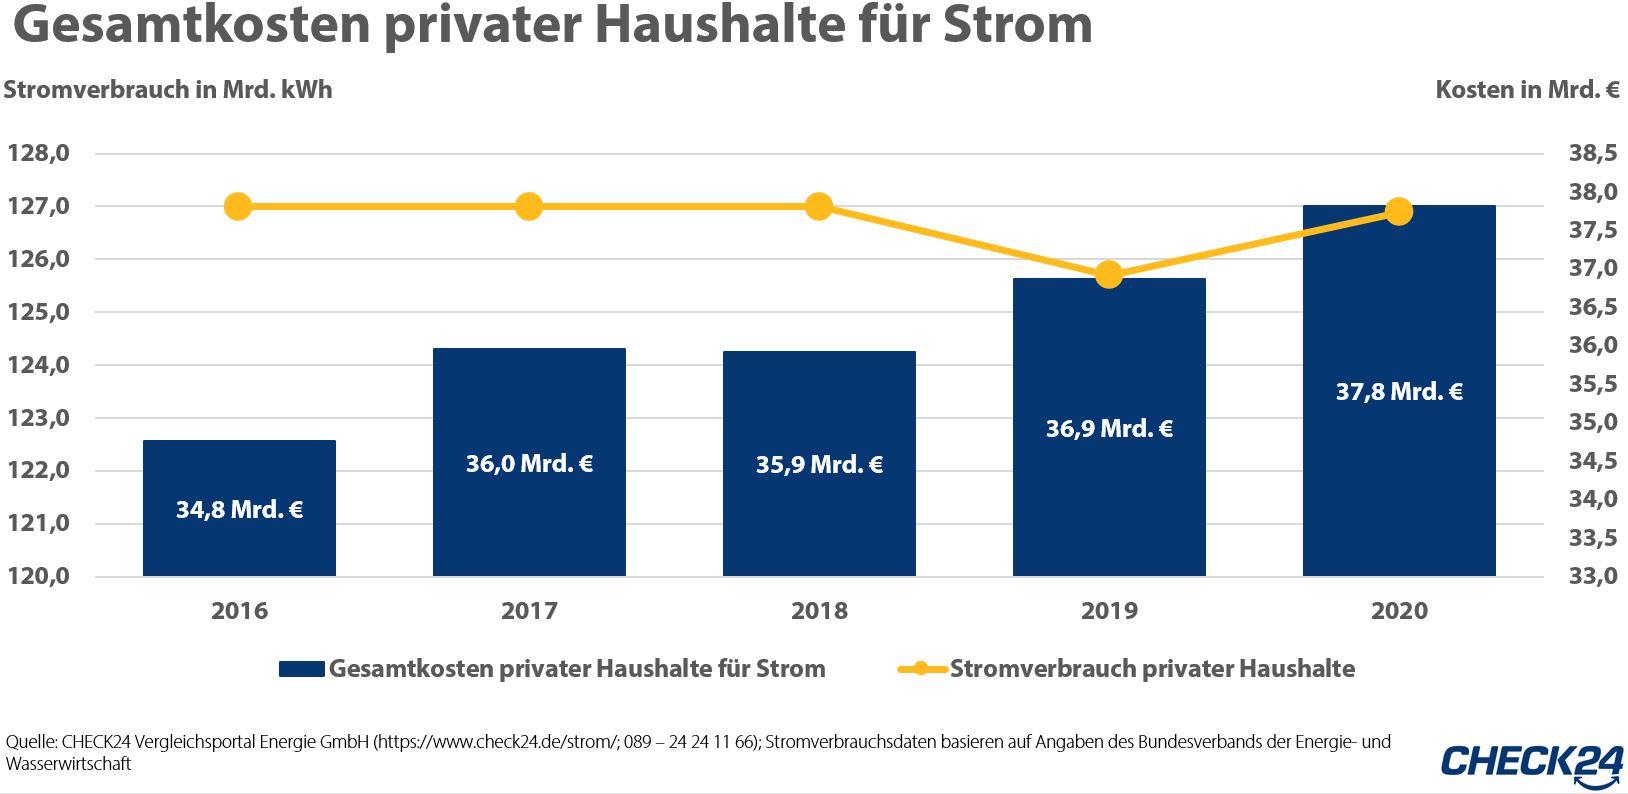 Rekordpreis beim Strom: Musterhaushalt (5.000 kWh) zahlt 1.655 Euro p. a. in Grundversorgung